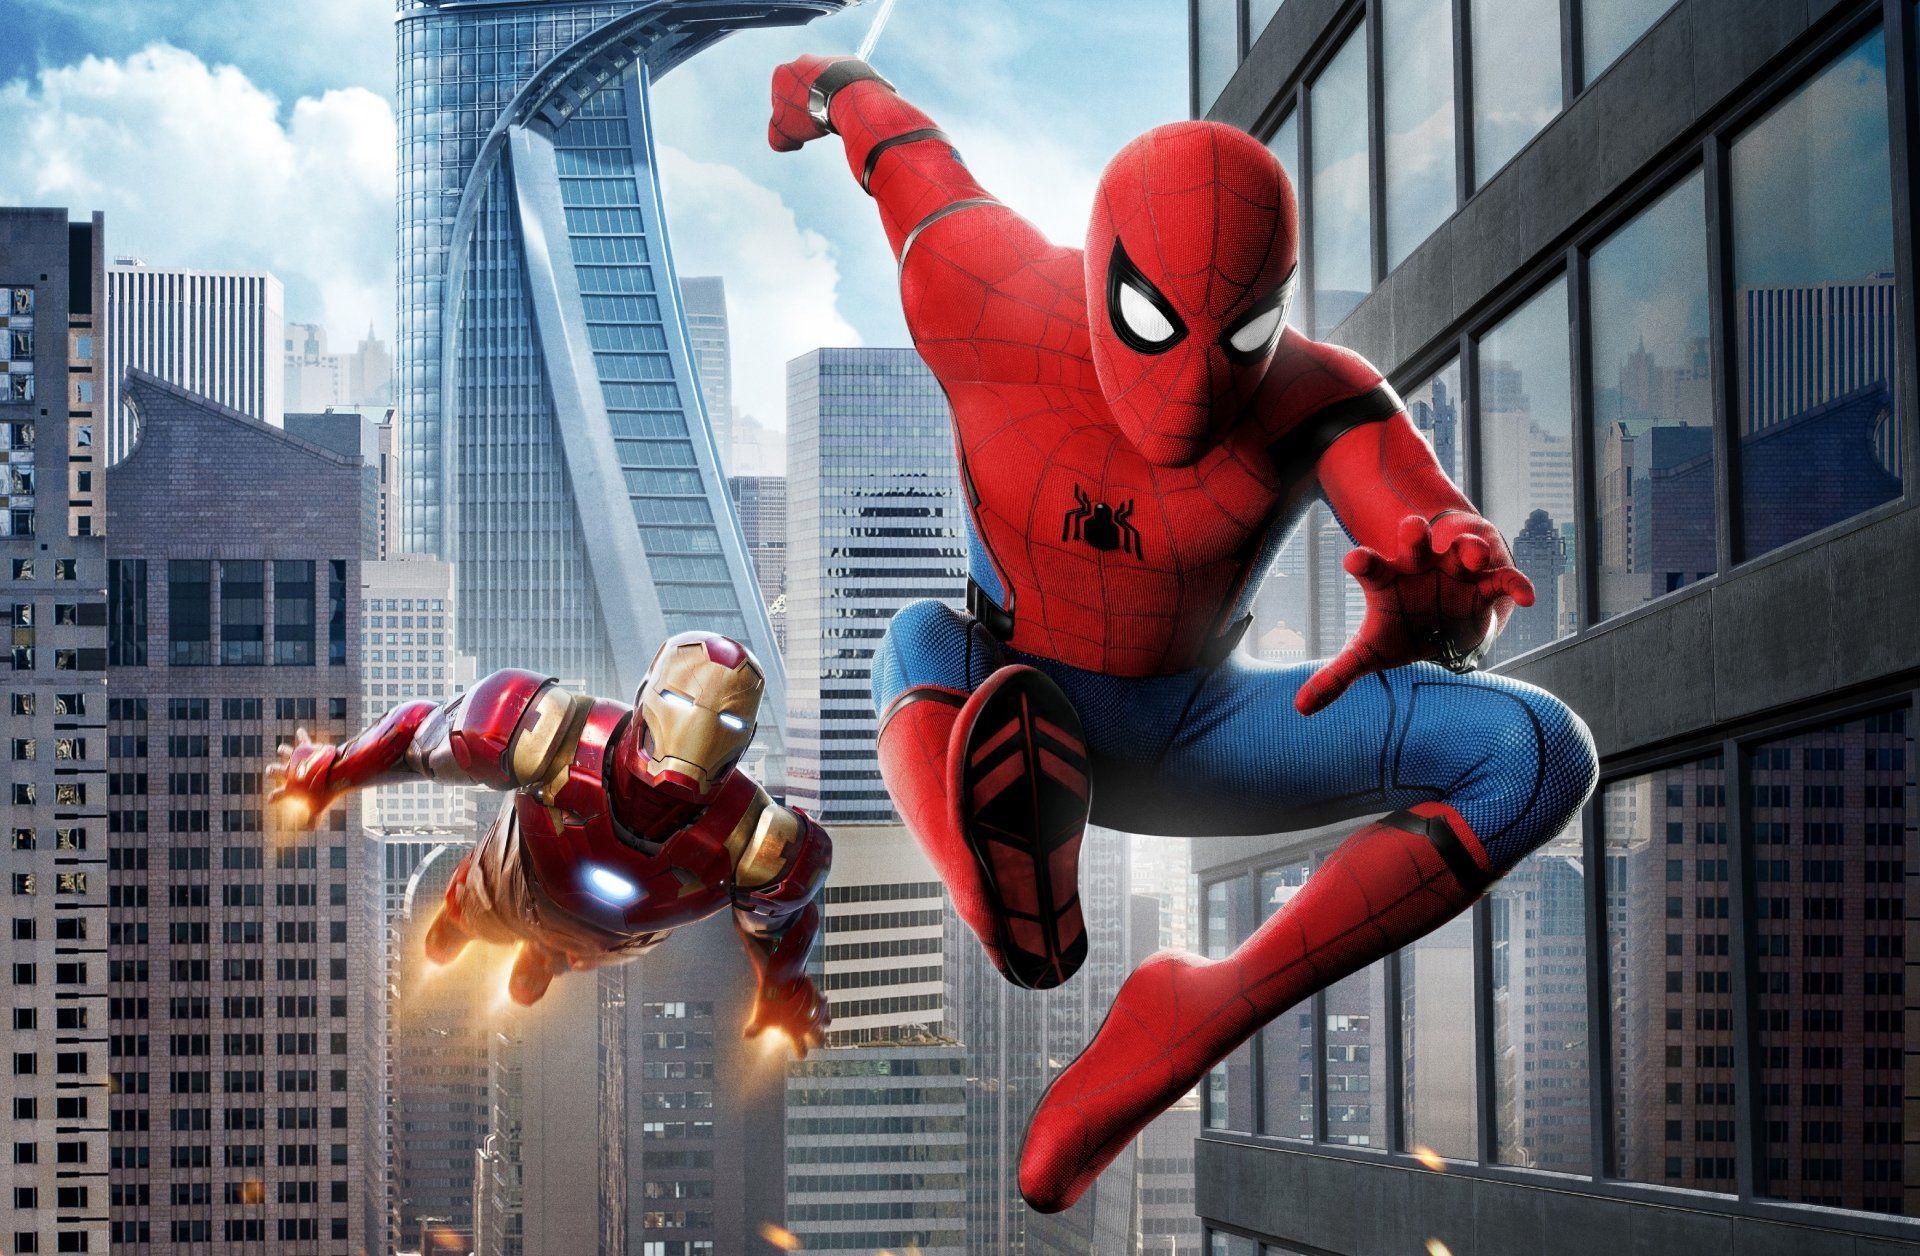 Descarga Los Mejores Fondos De Pantalla De La Película De Spiderman